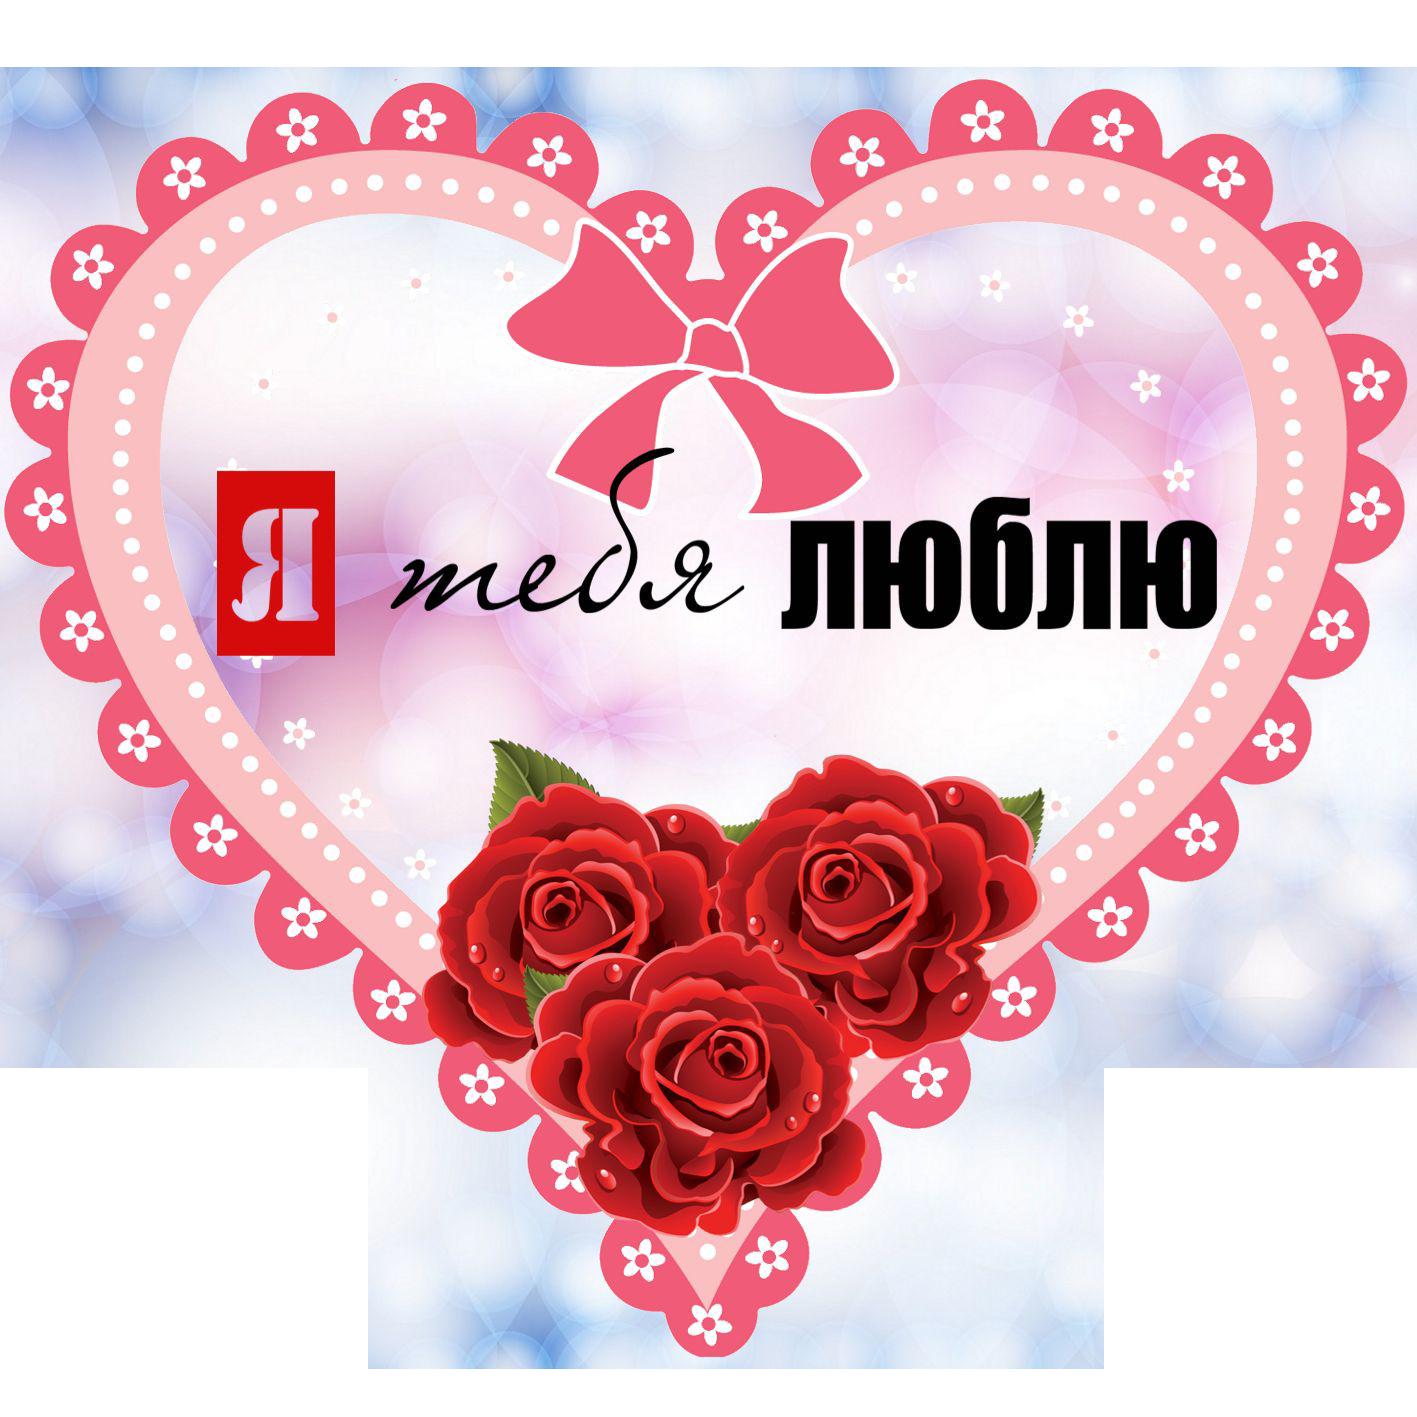 Валентинка - сердце с розами в розовой рамке